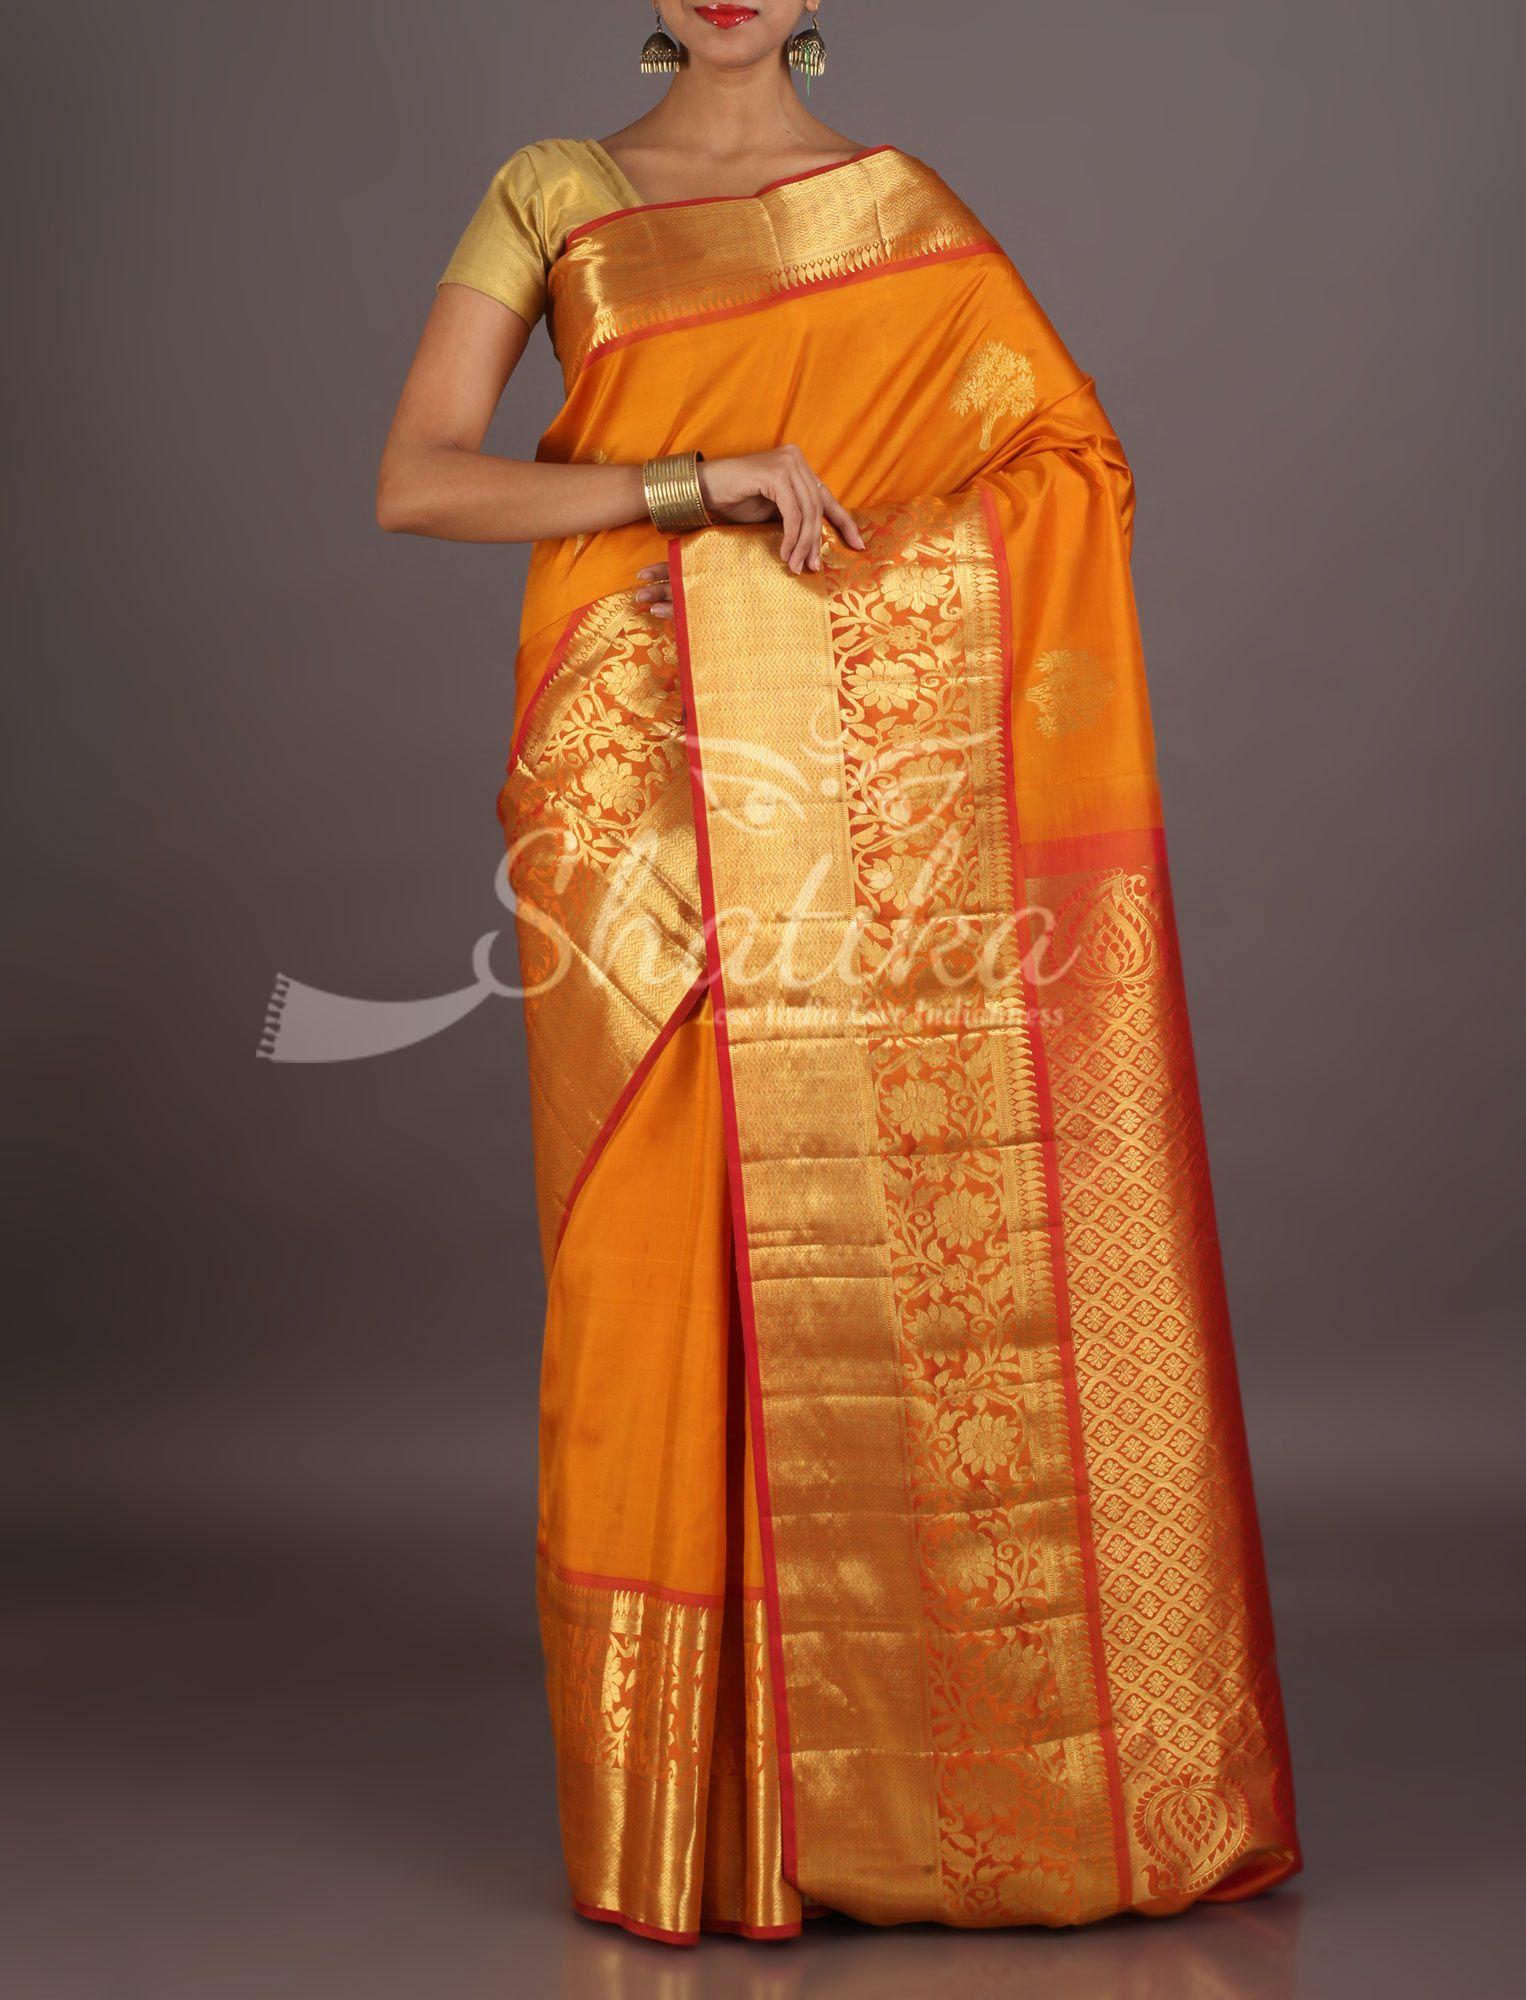 747491f21c61e Madhavi Gold Spot Orange Dazzling Broad Gold Border Pallu Gadwal Silk Saree